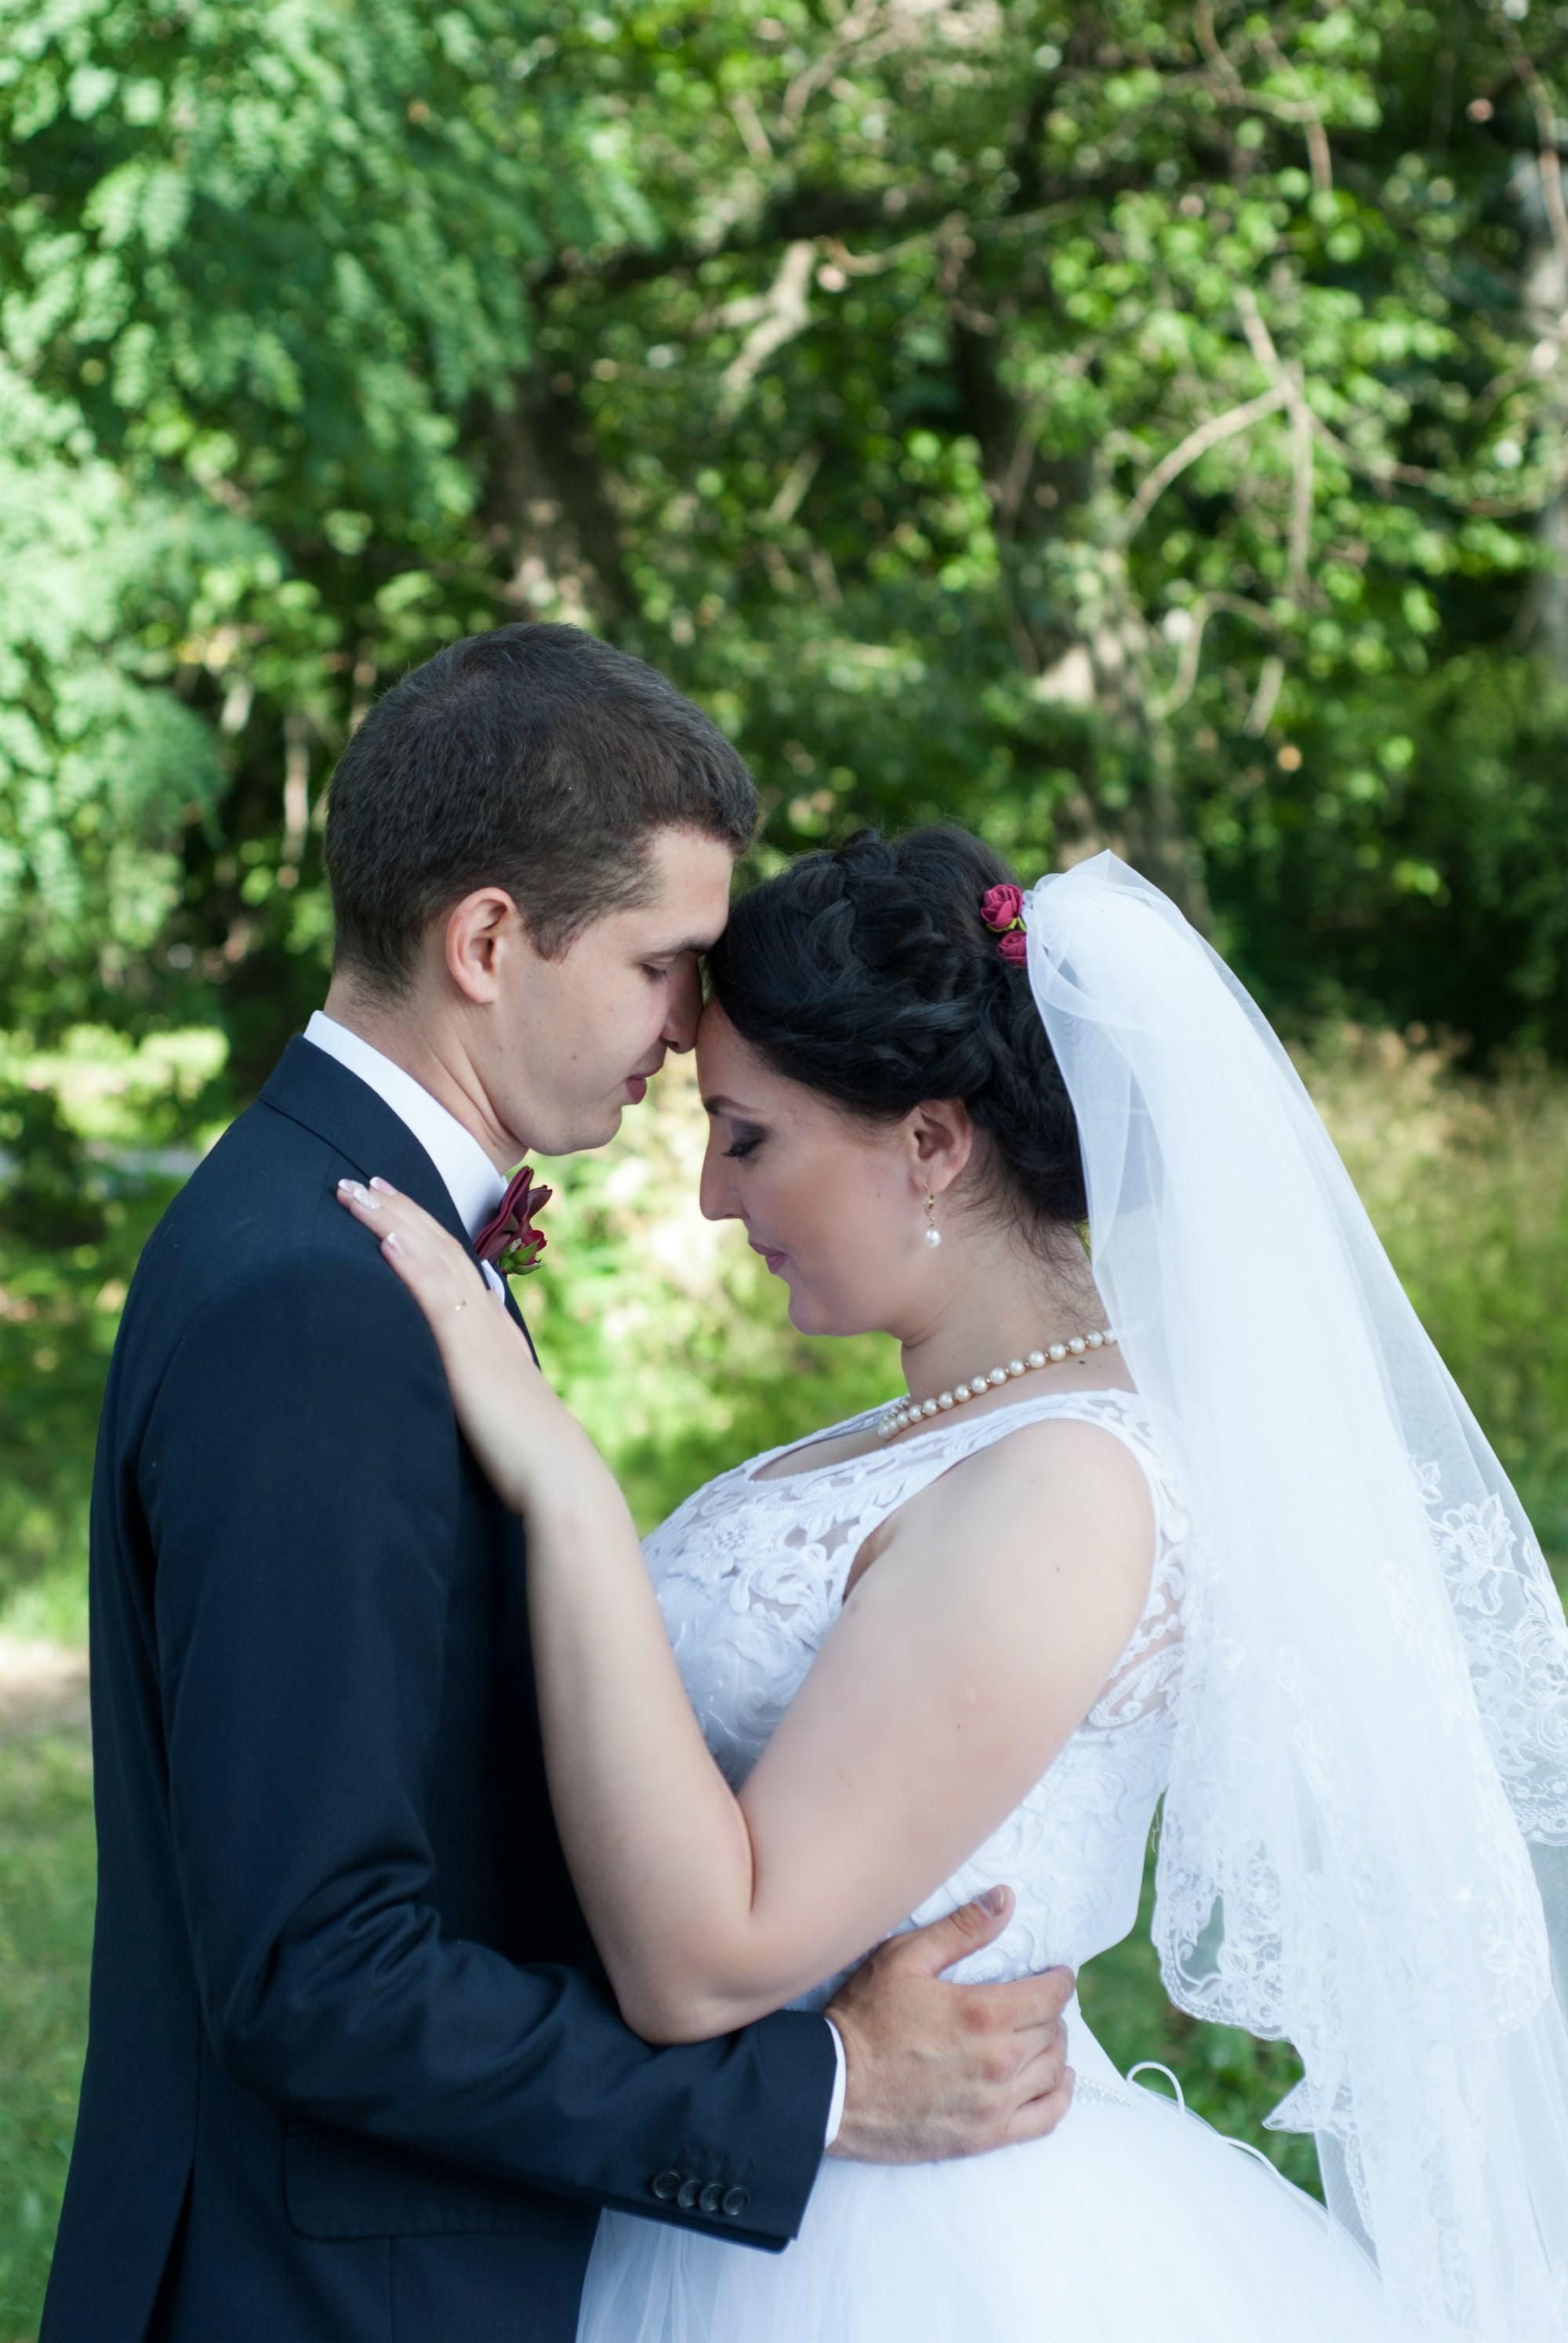 Обнимая невесту нежно - Фотограф Киев - Женя Лайт